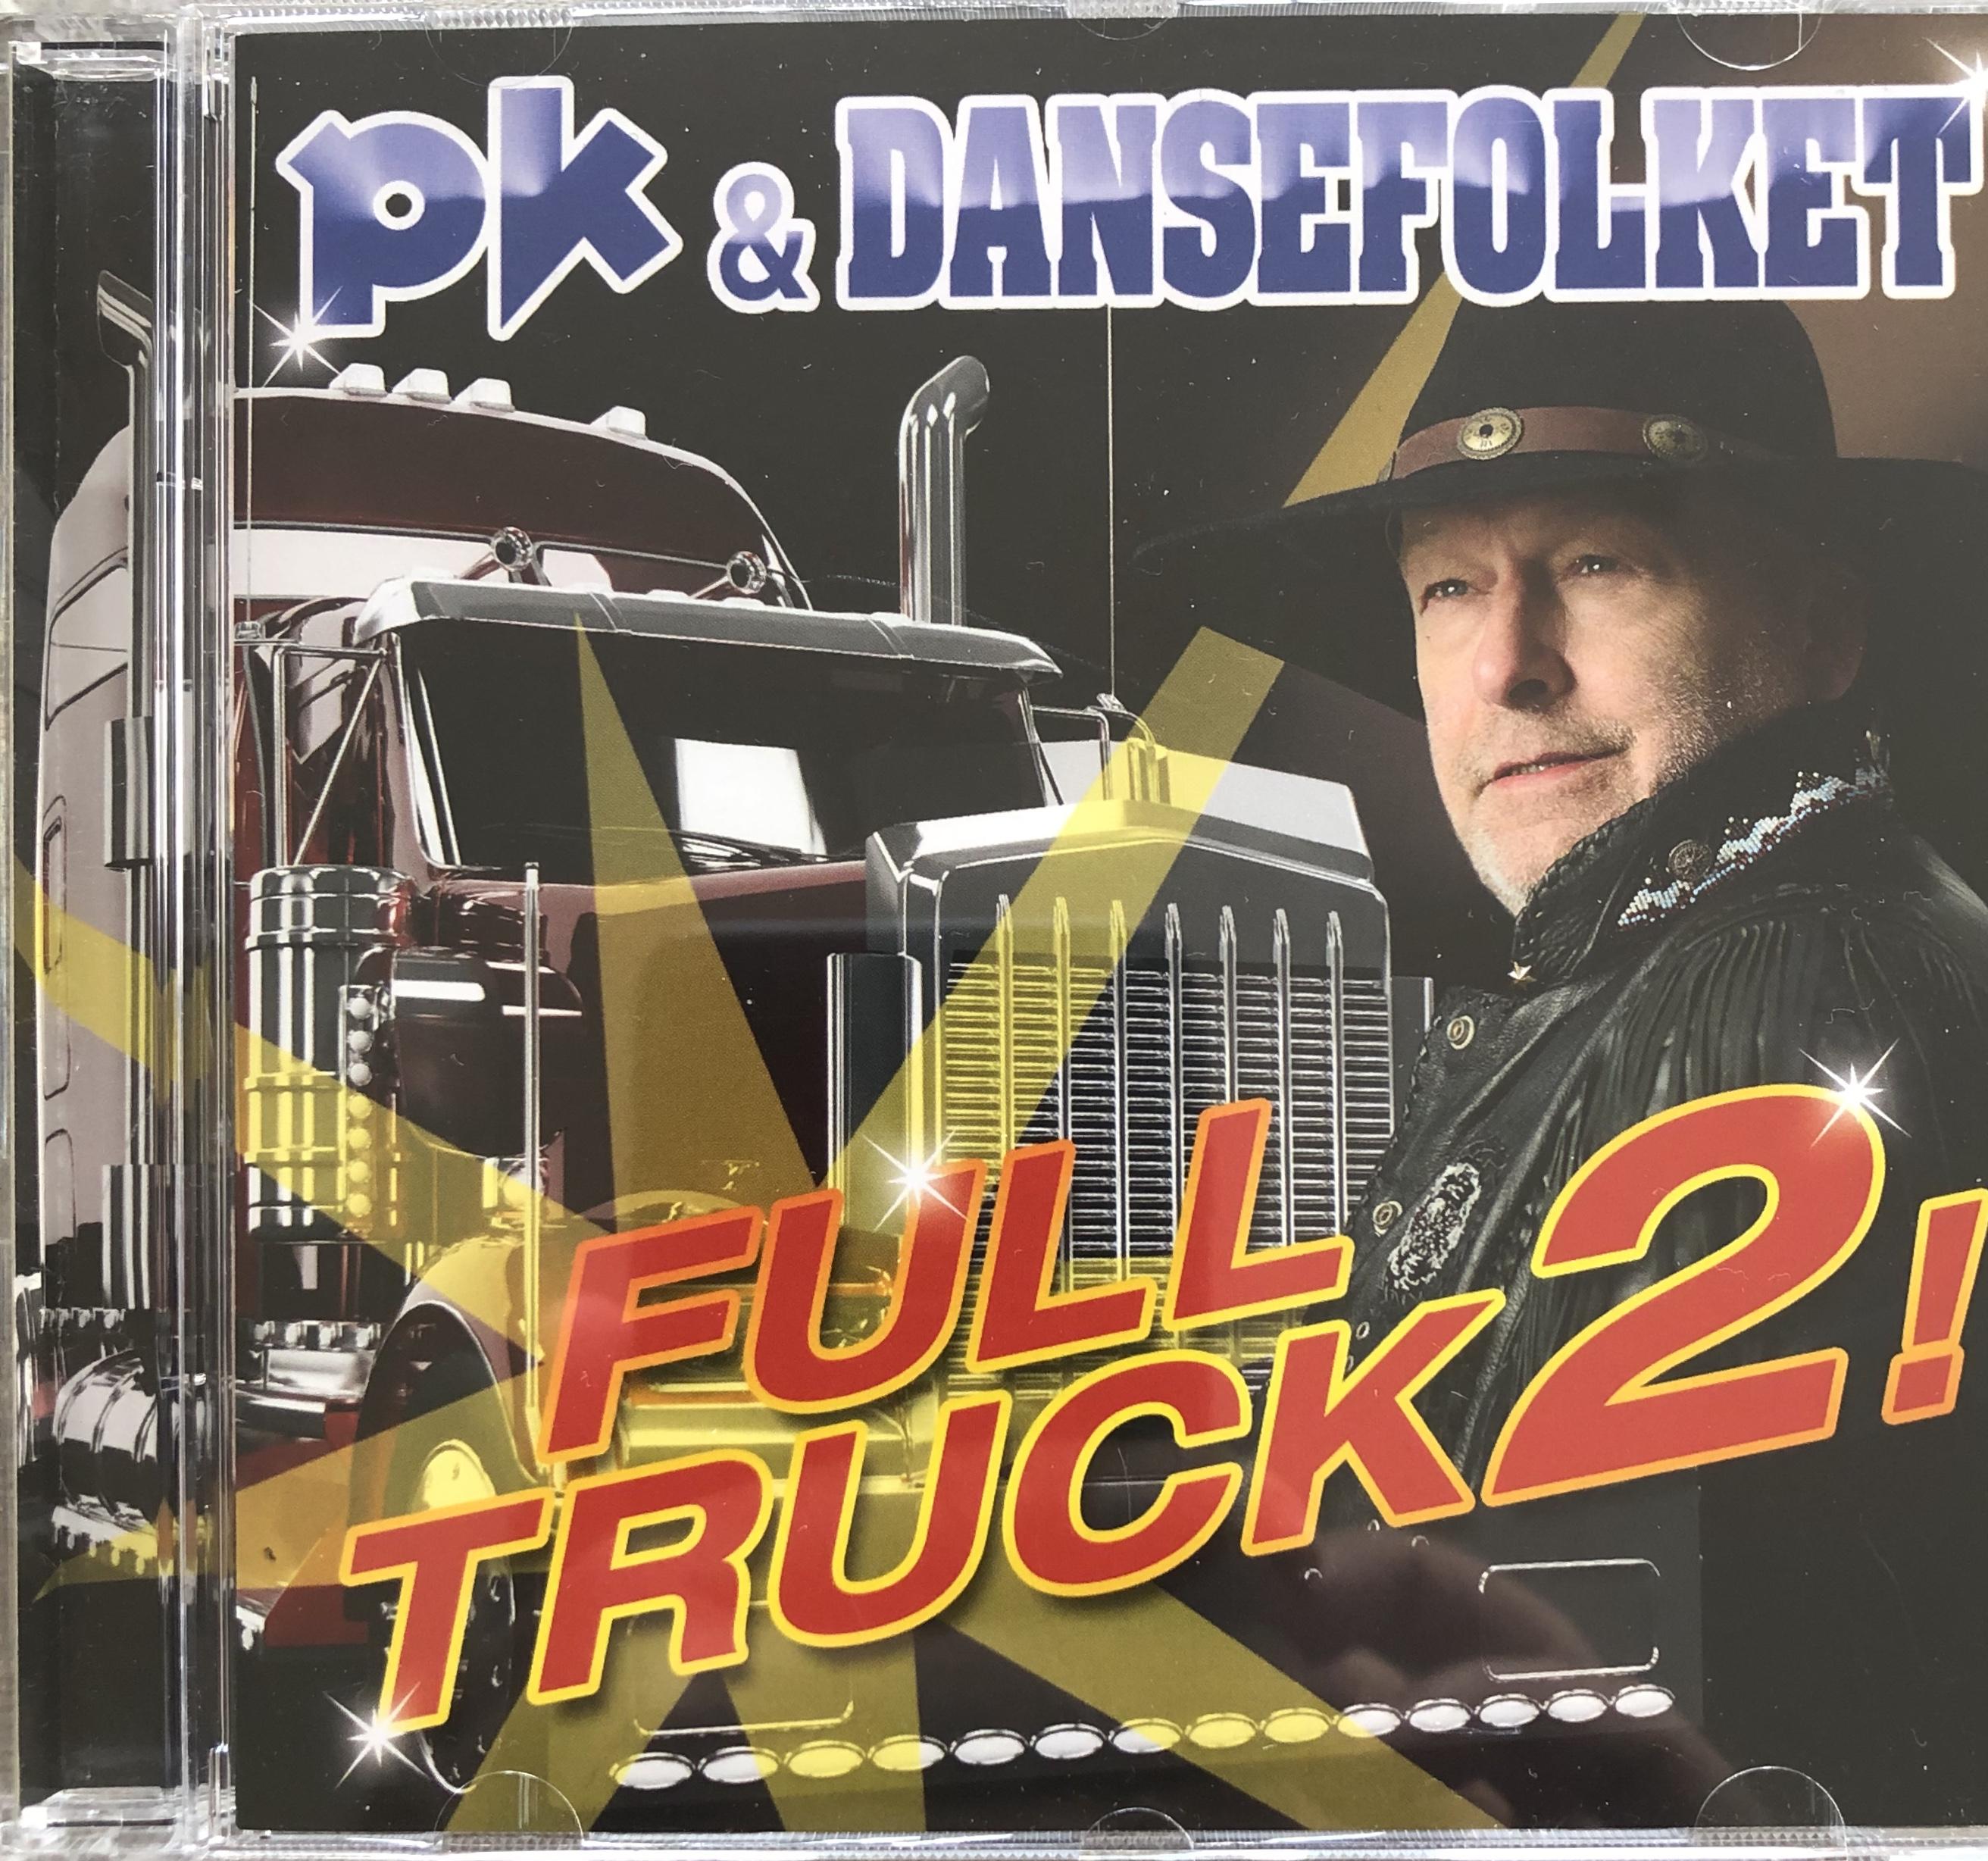 04 FULL TRUCK 2 (Fri Frakt)